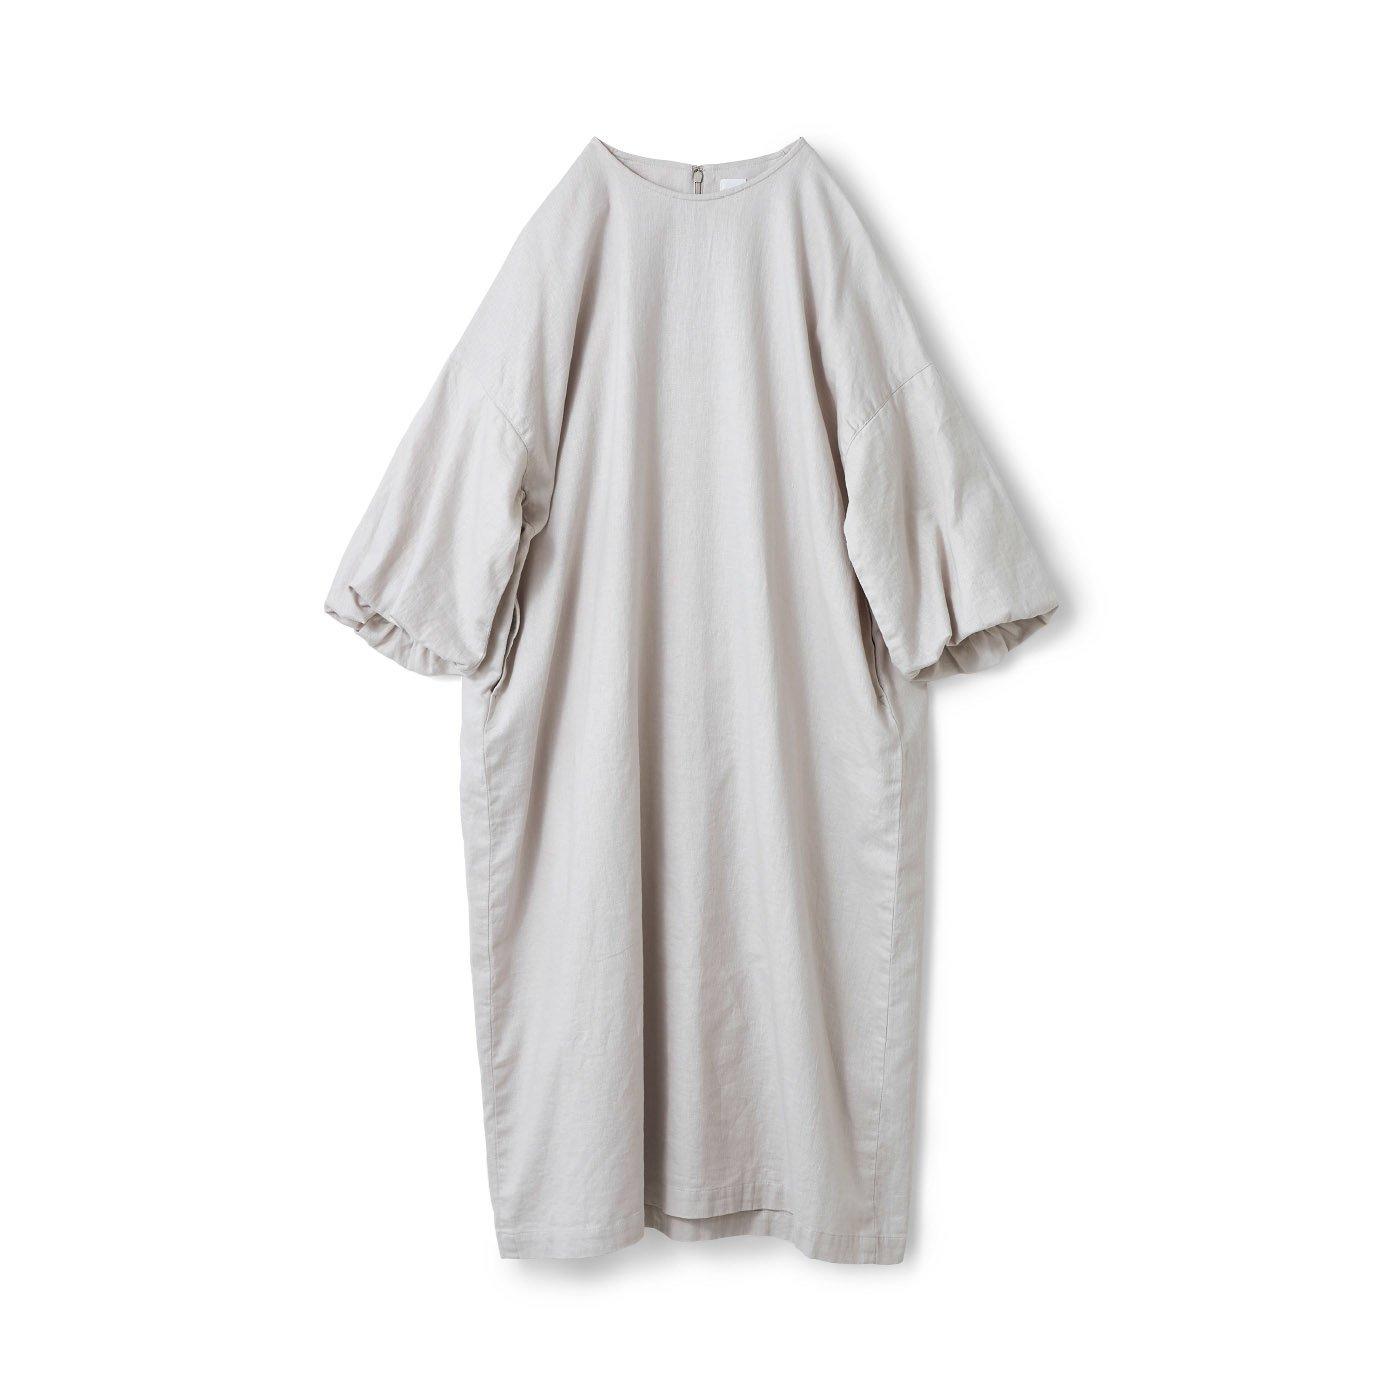 アヴェクモワ 風船袖のサックドレス〈グレー〉